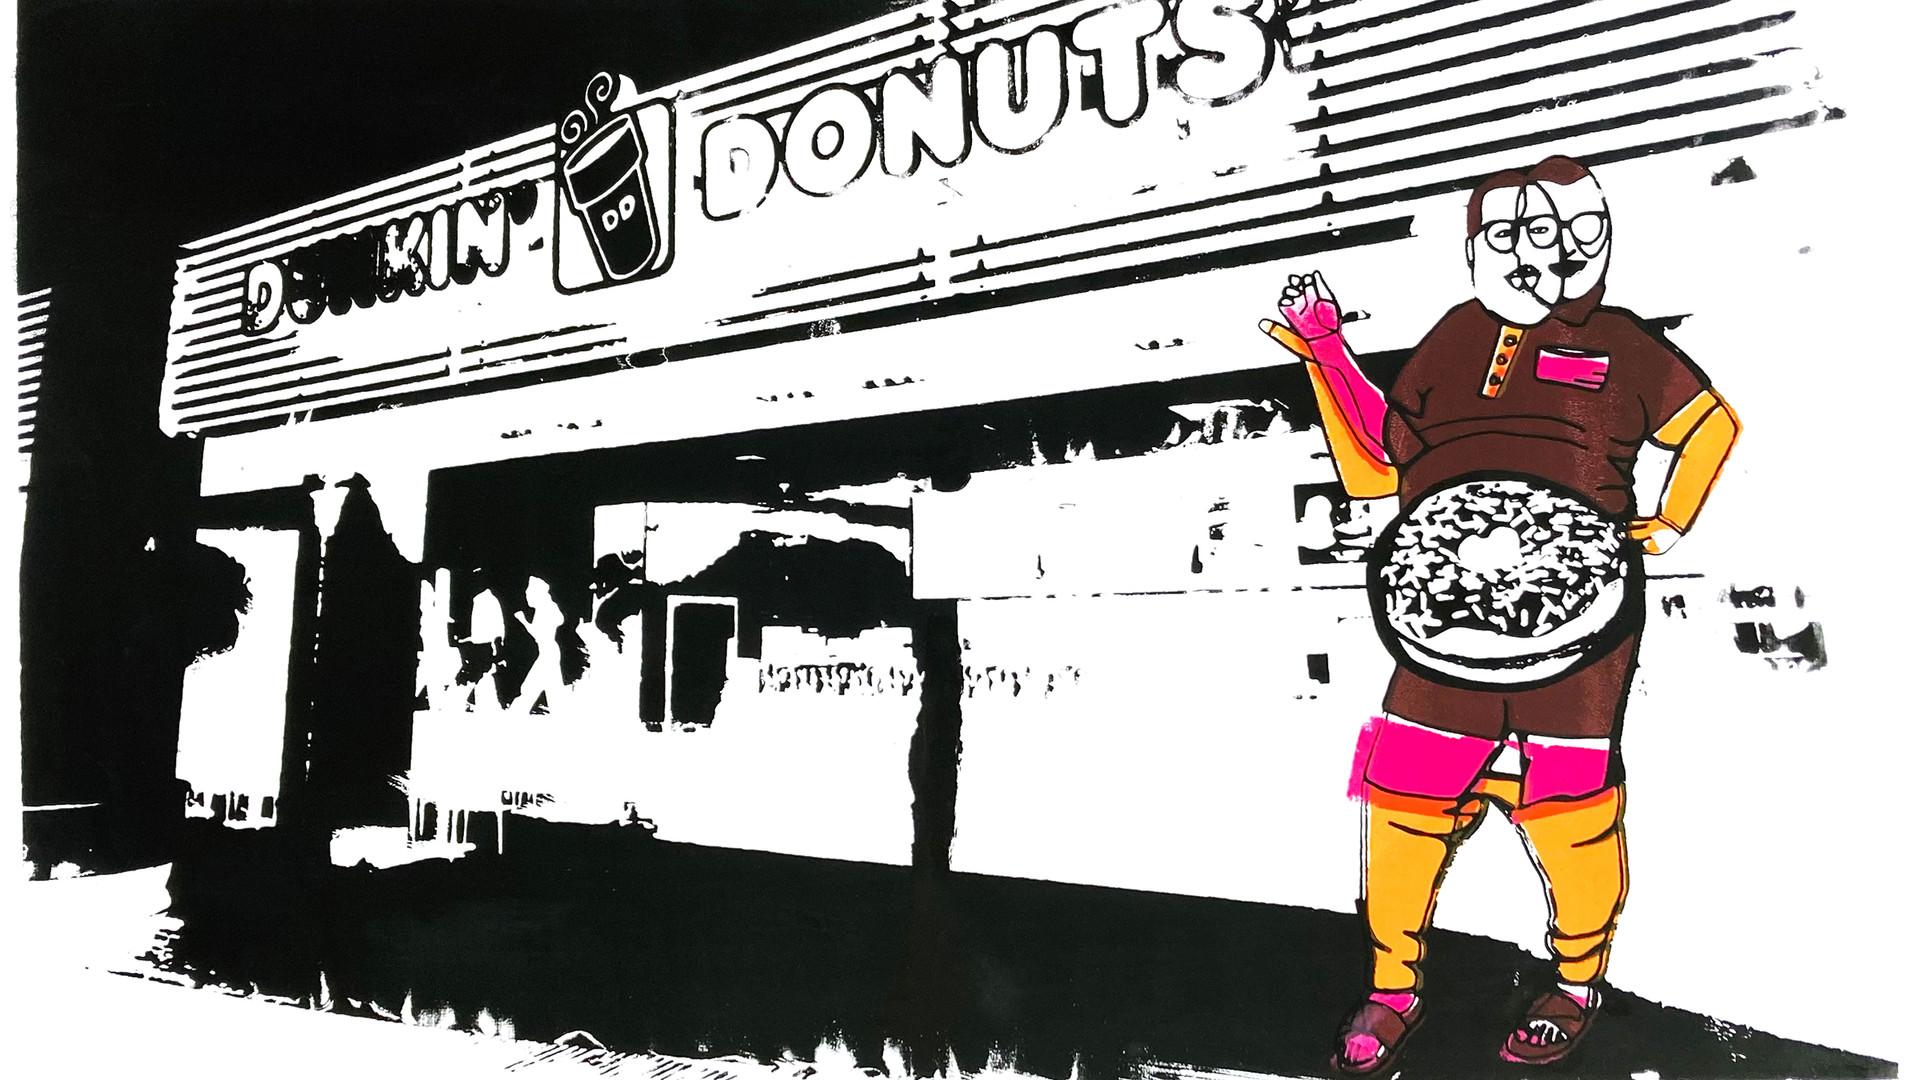 Donut Belly